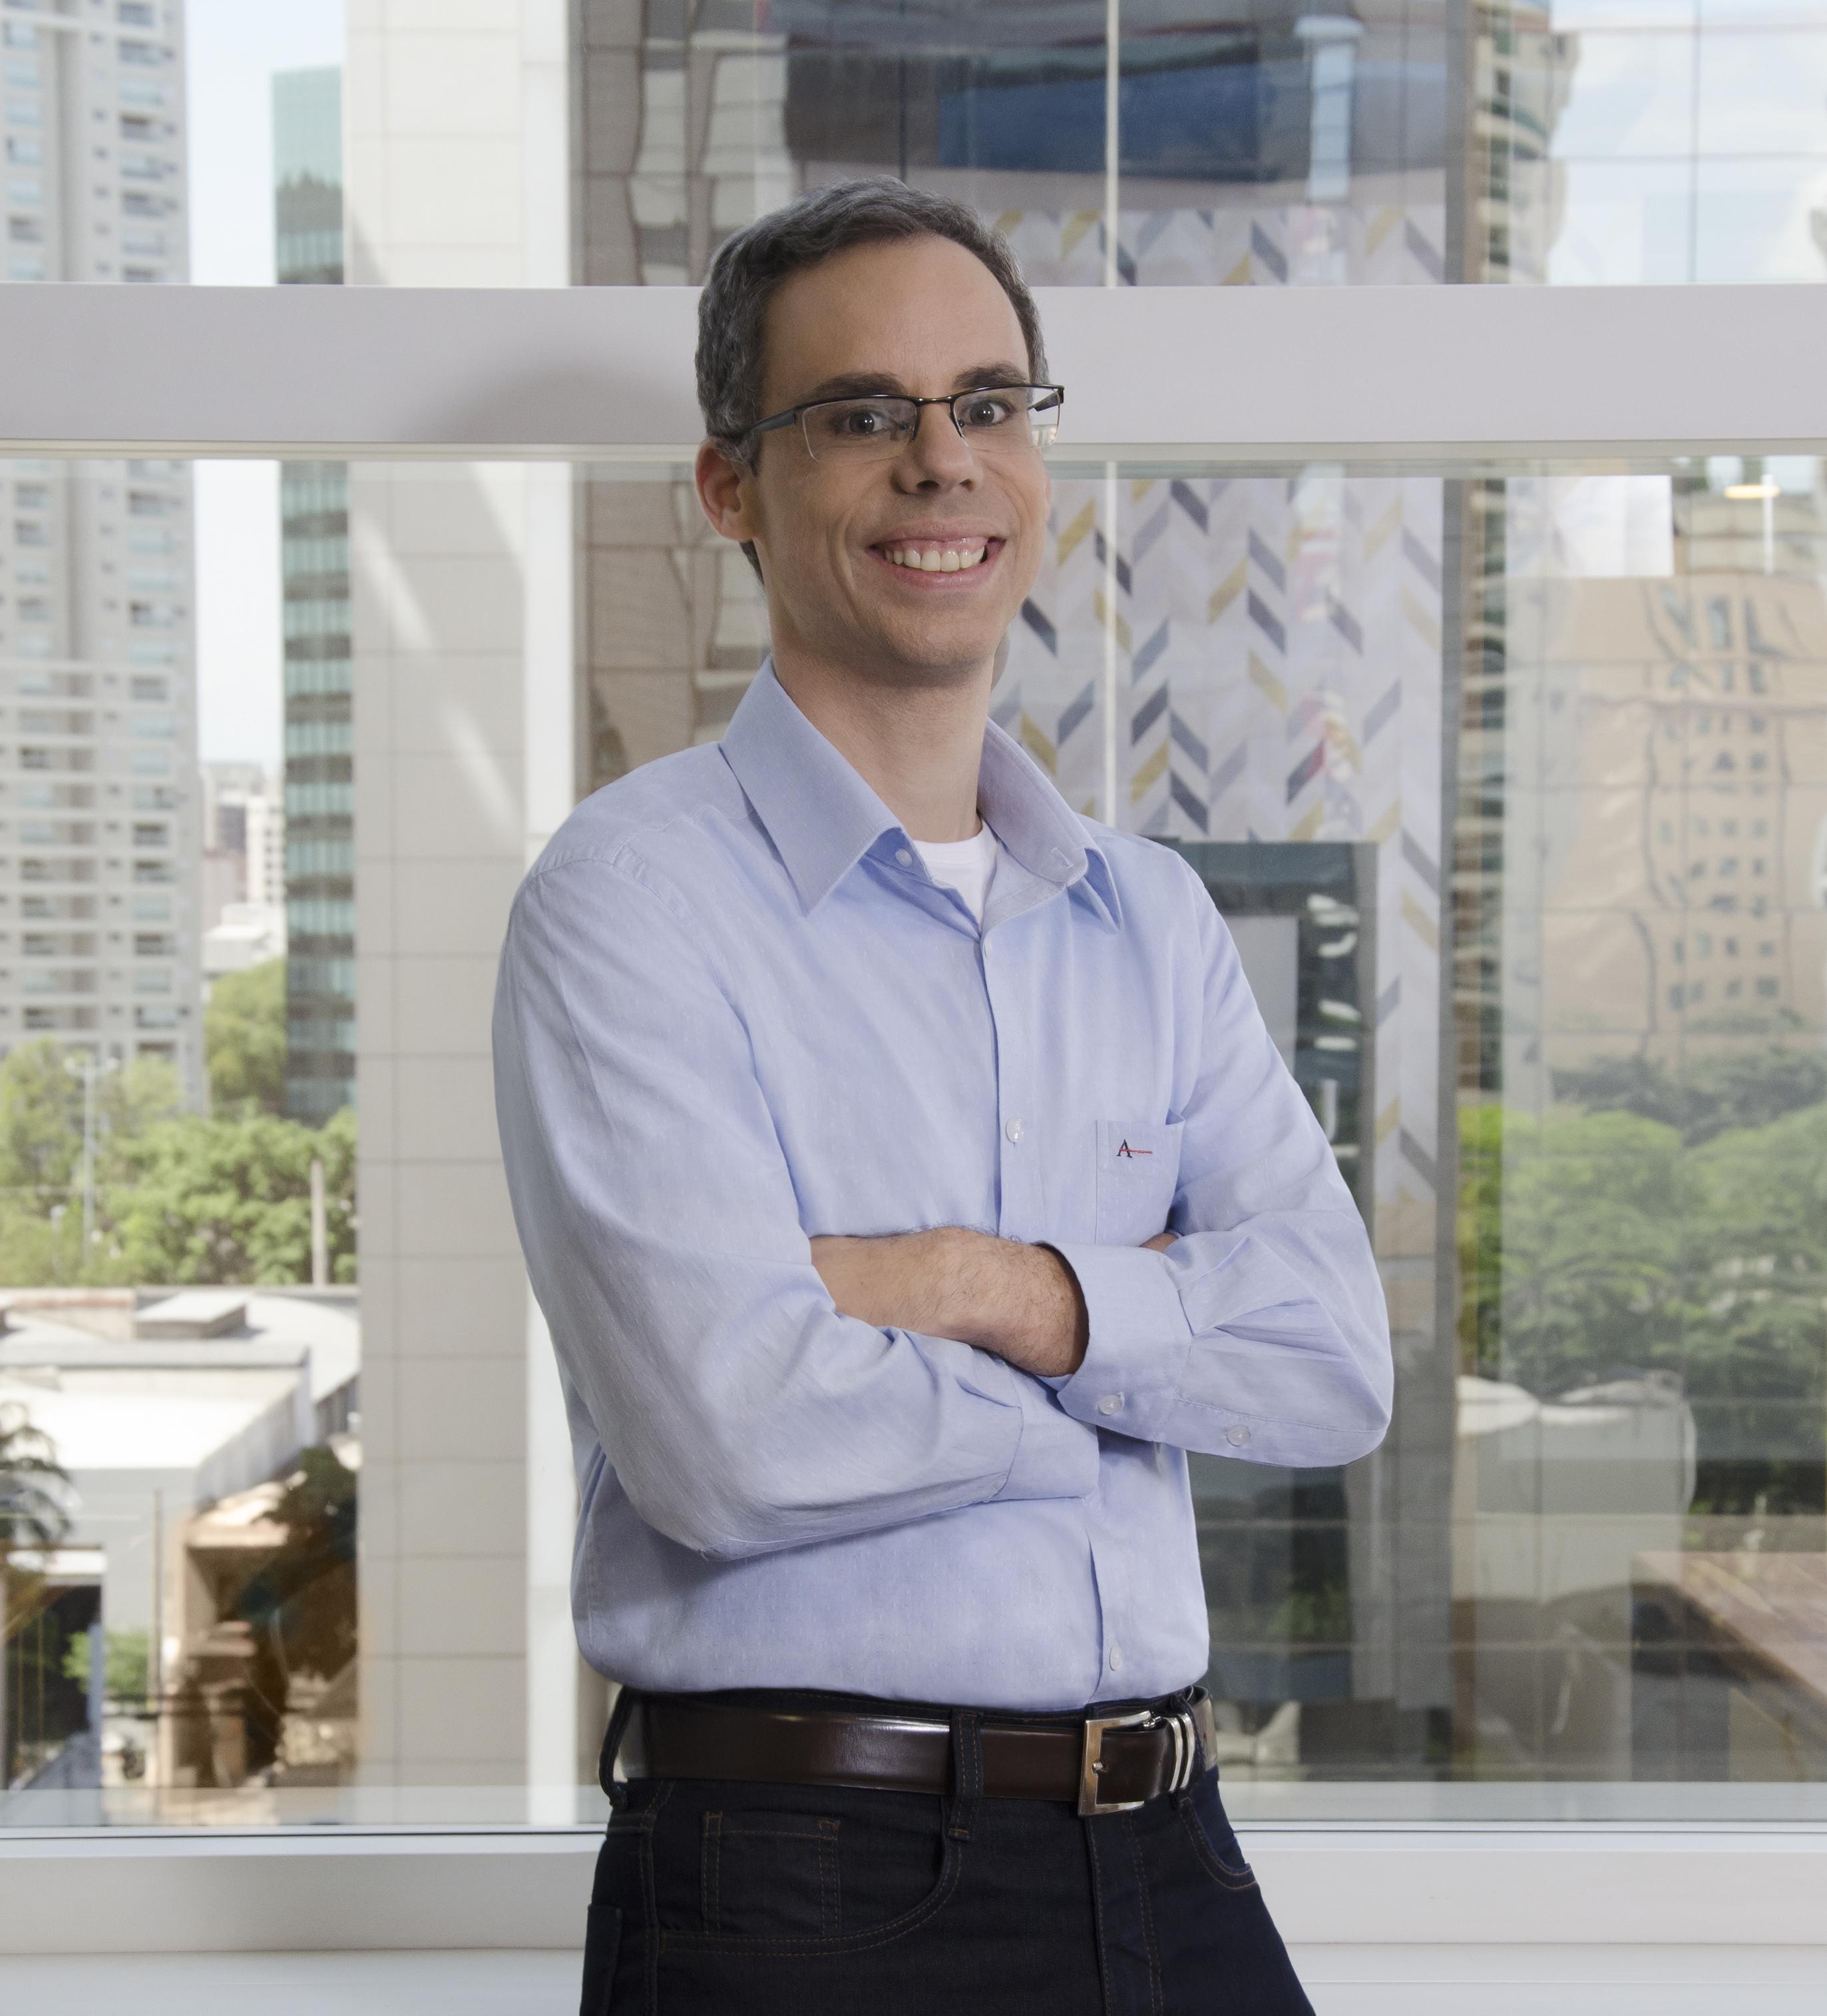 Industria de construcción brasileña recurre a tecnología para diversificar negocio